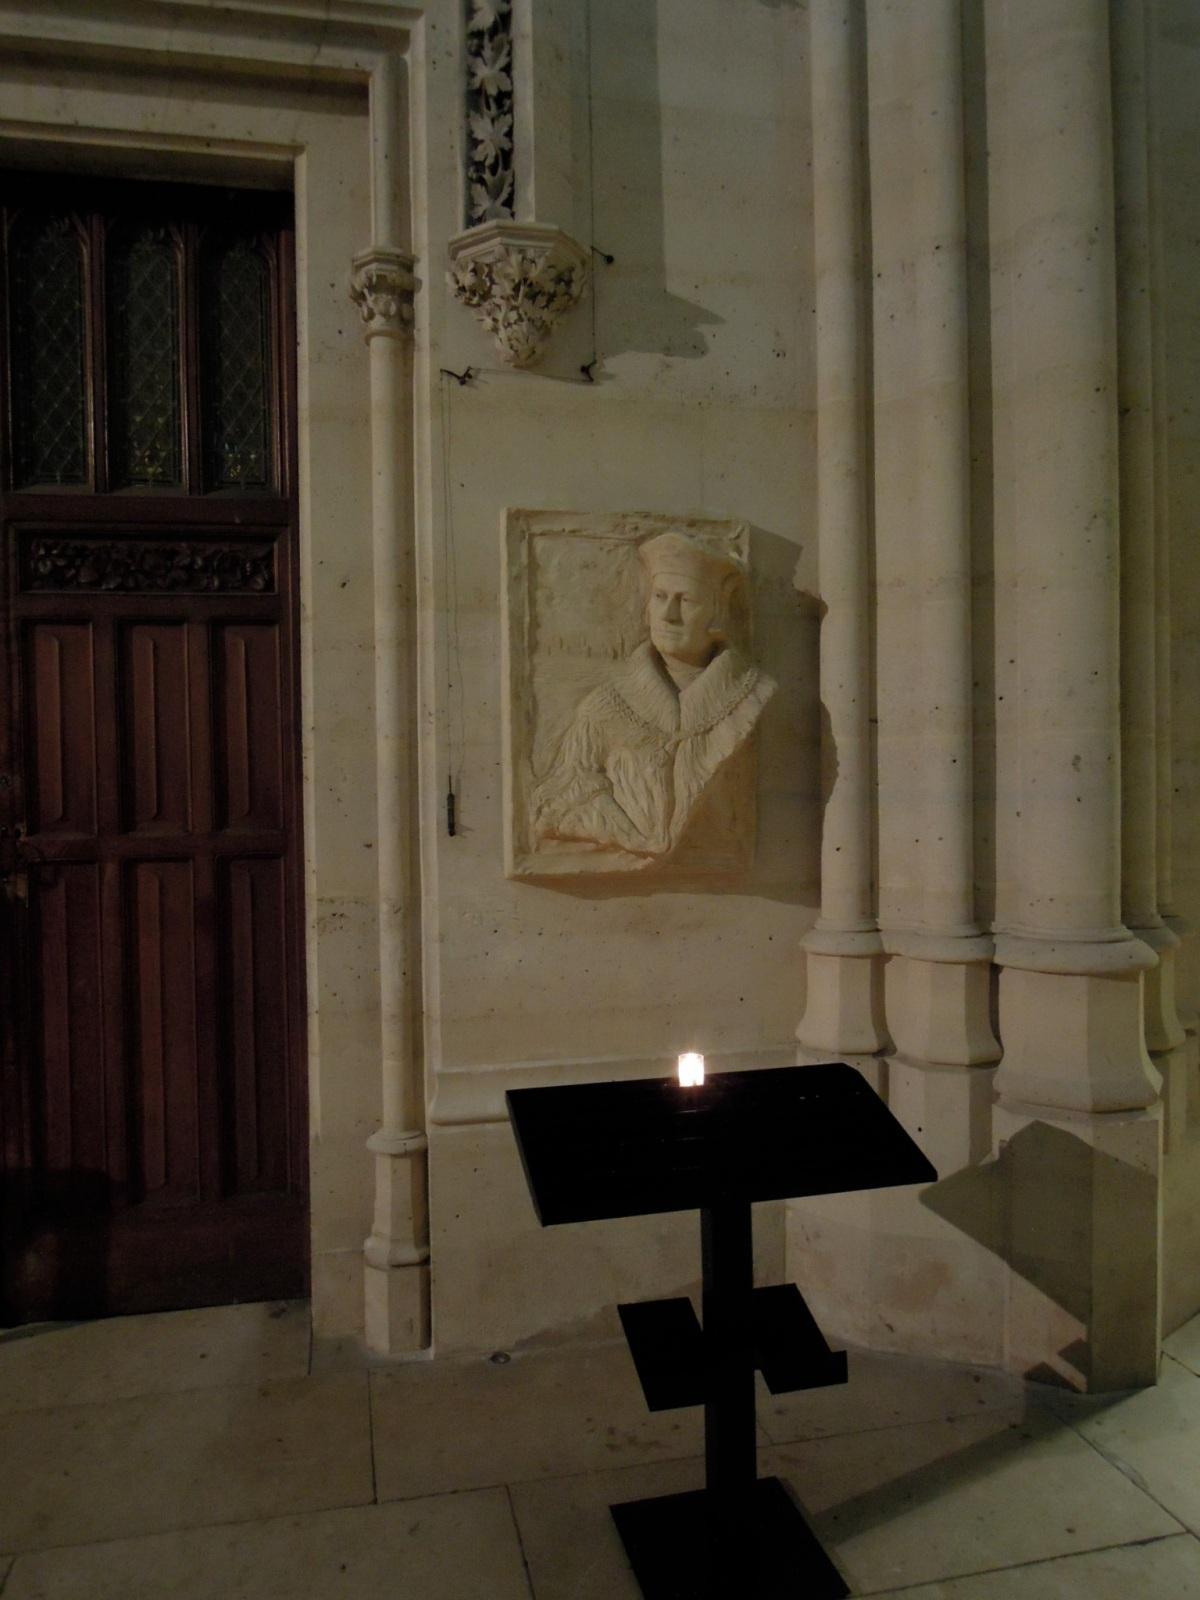 Wall relief inside Sainte-Clotilde Basilica